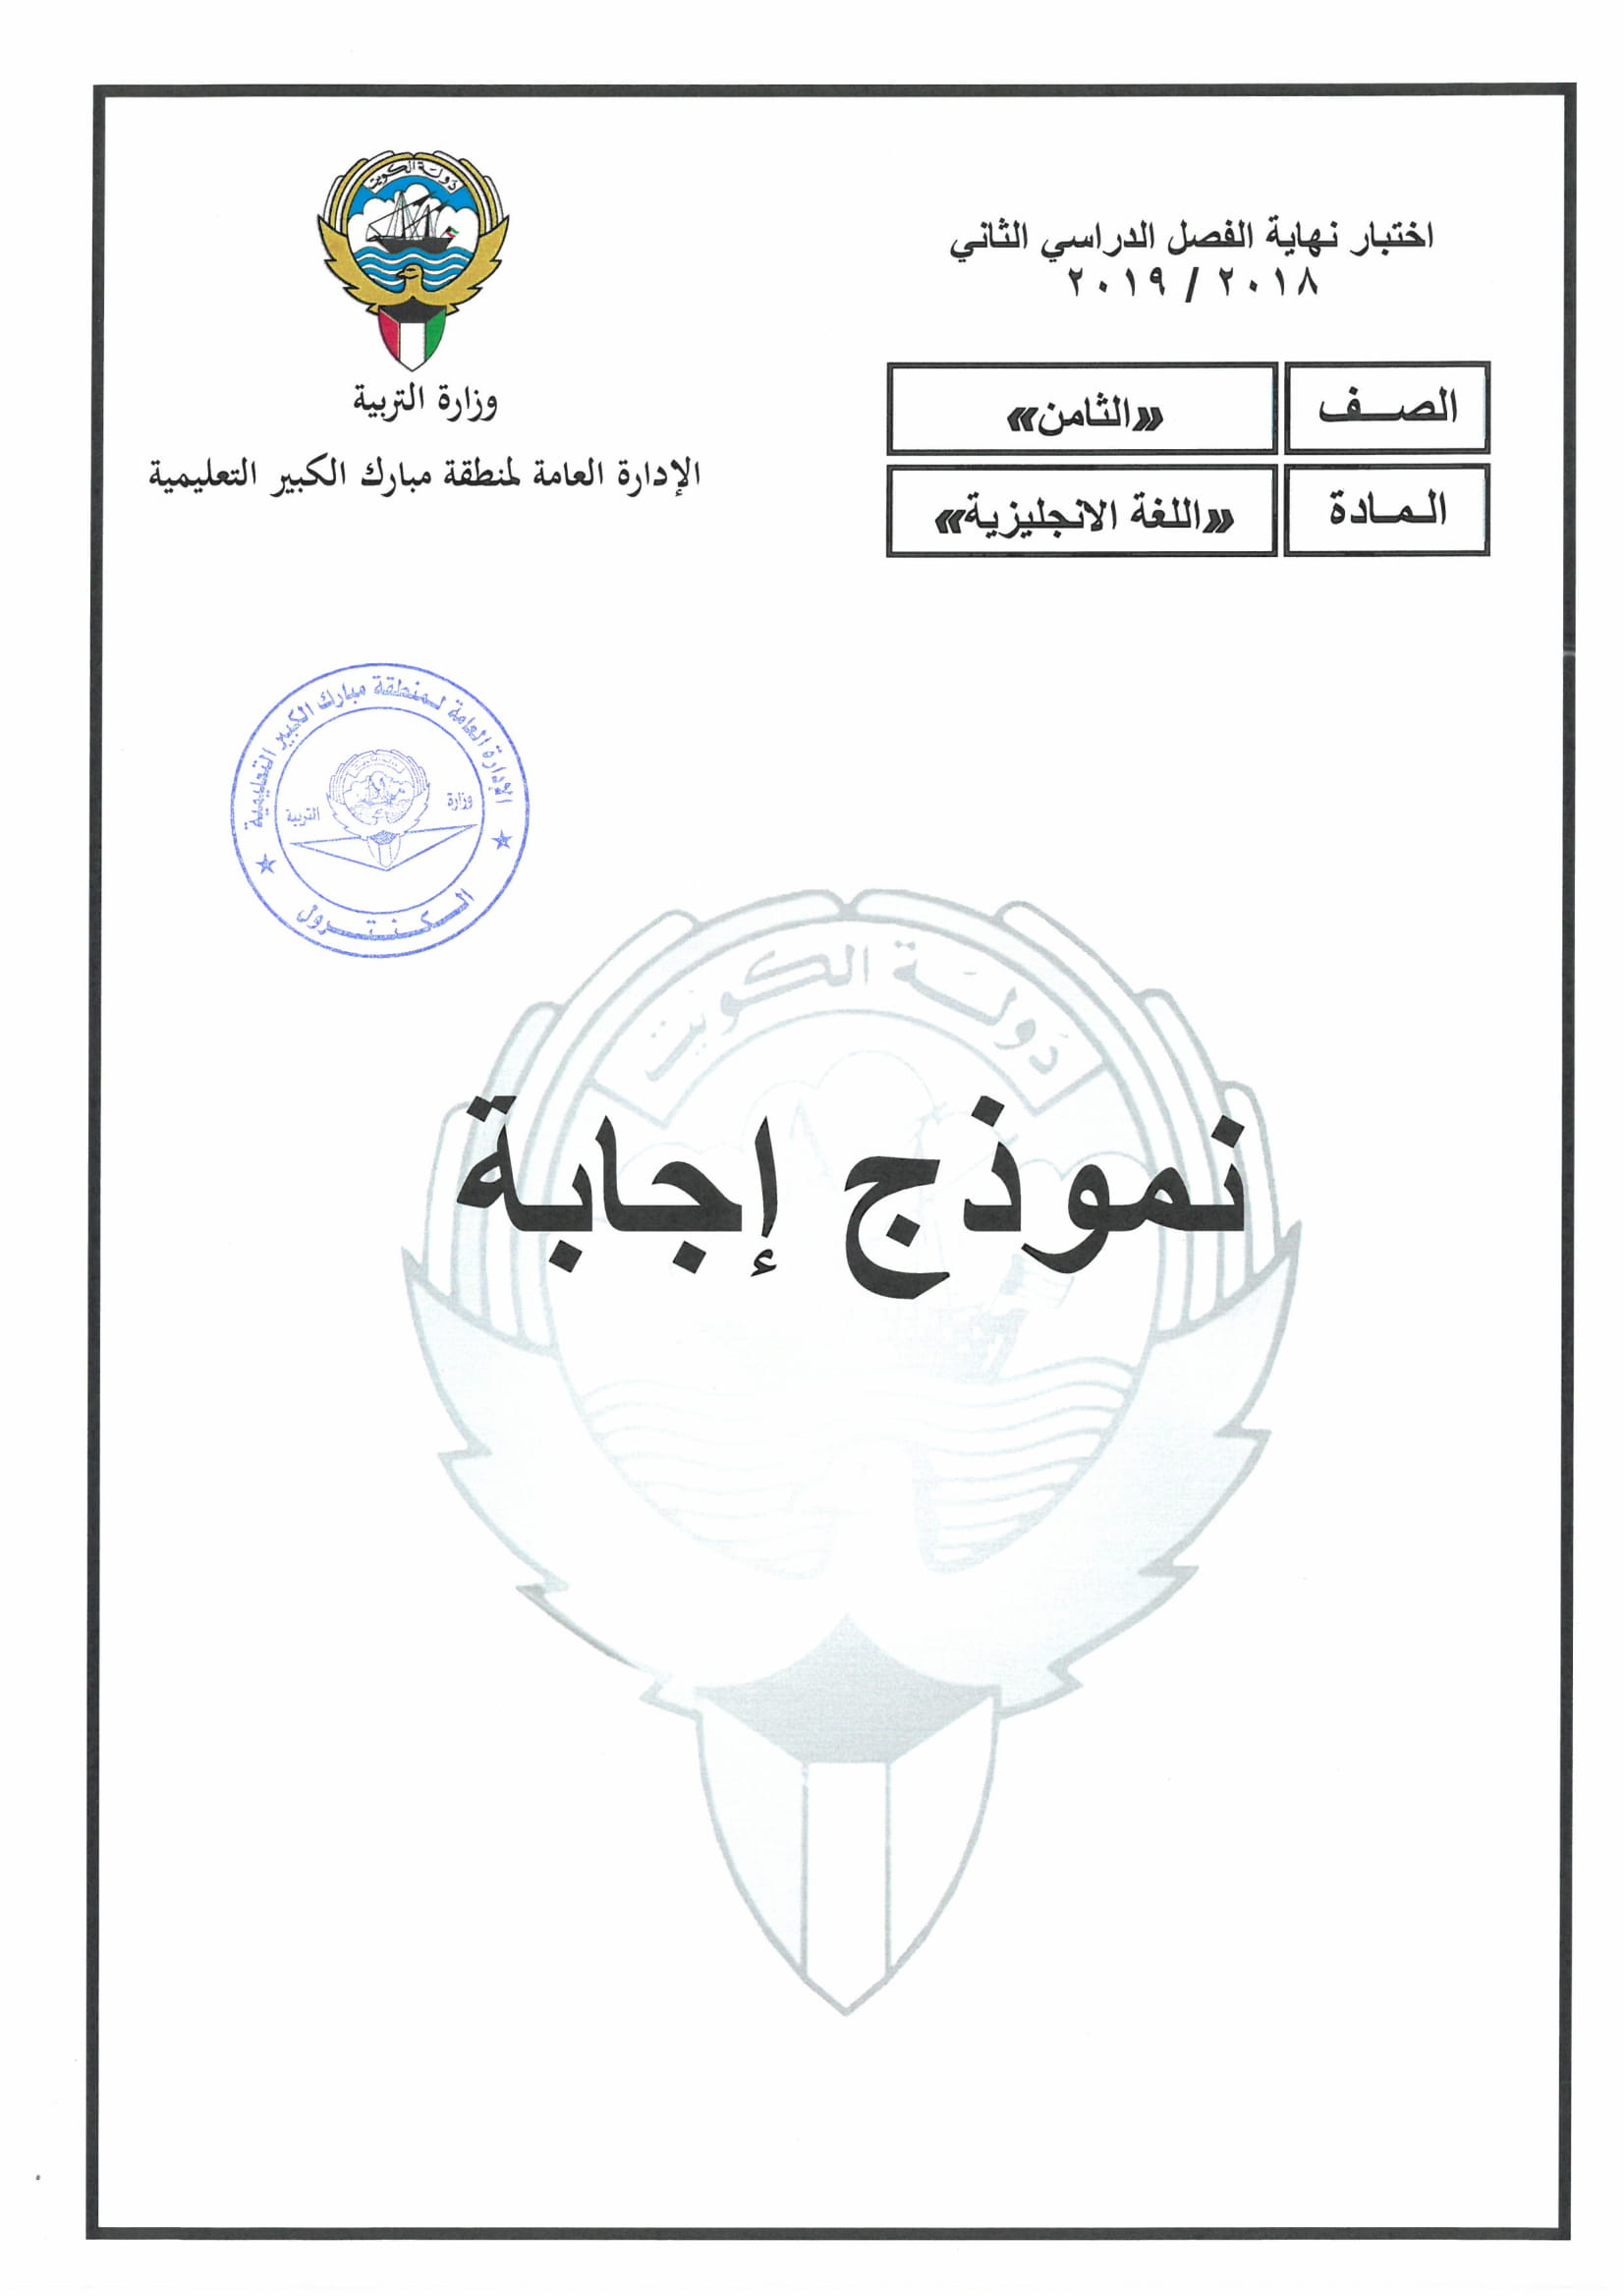 نموذج اجابة اختبار مادةاللغة الإنجليزية الثامن الفصل الثاني